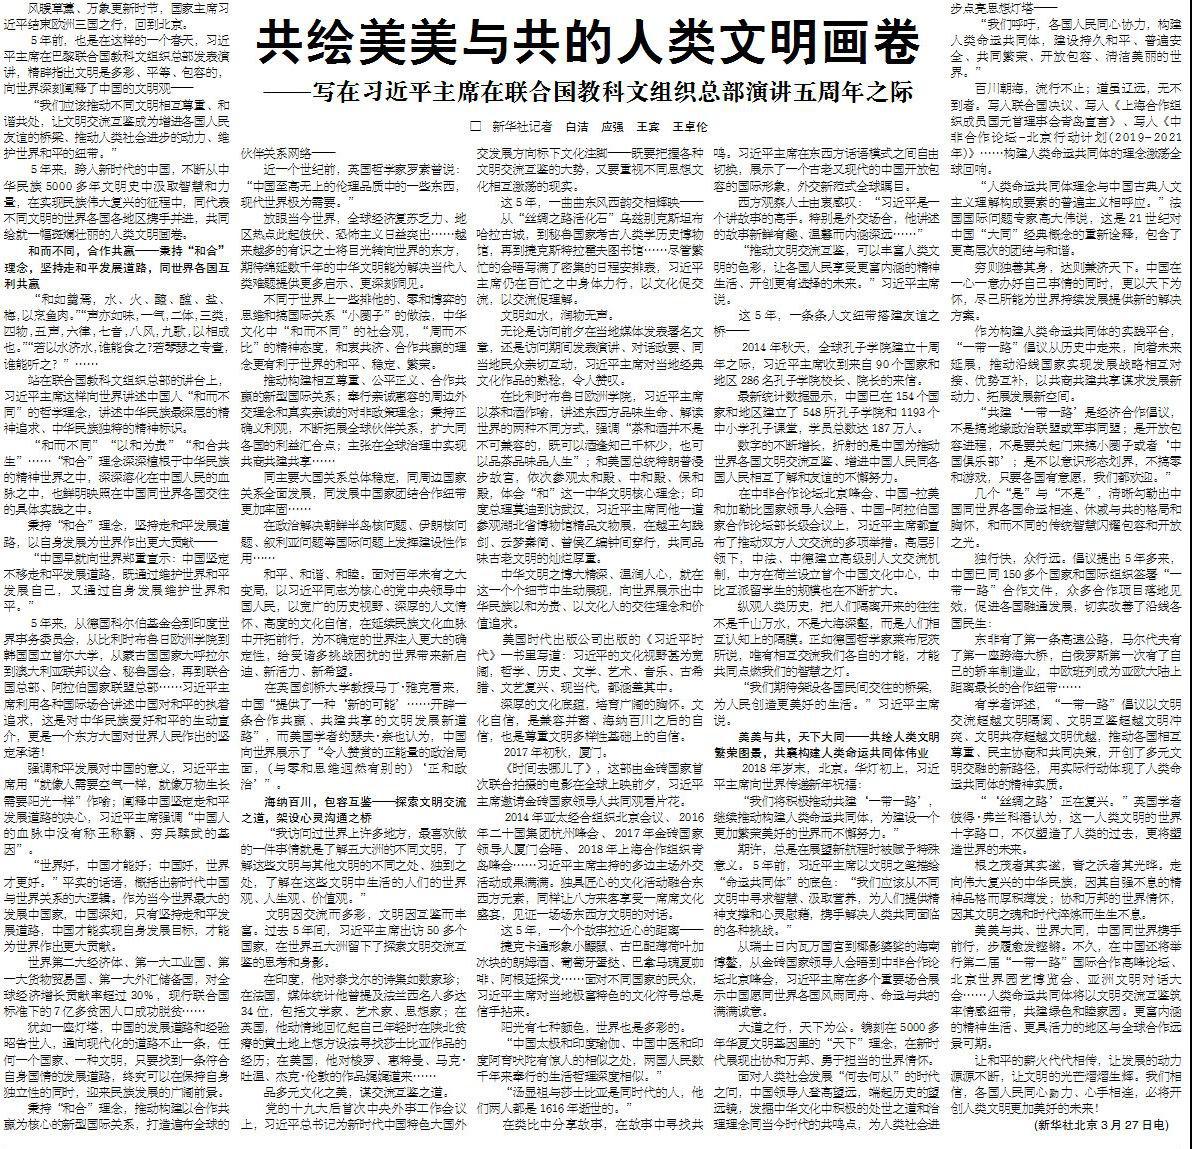 走向伟大复兴的中华民族,因其自强不息的精神品格而厚积薄发;协和万邦